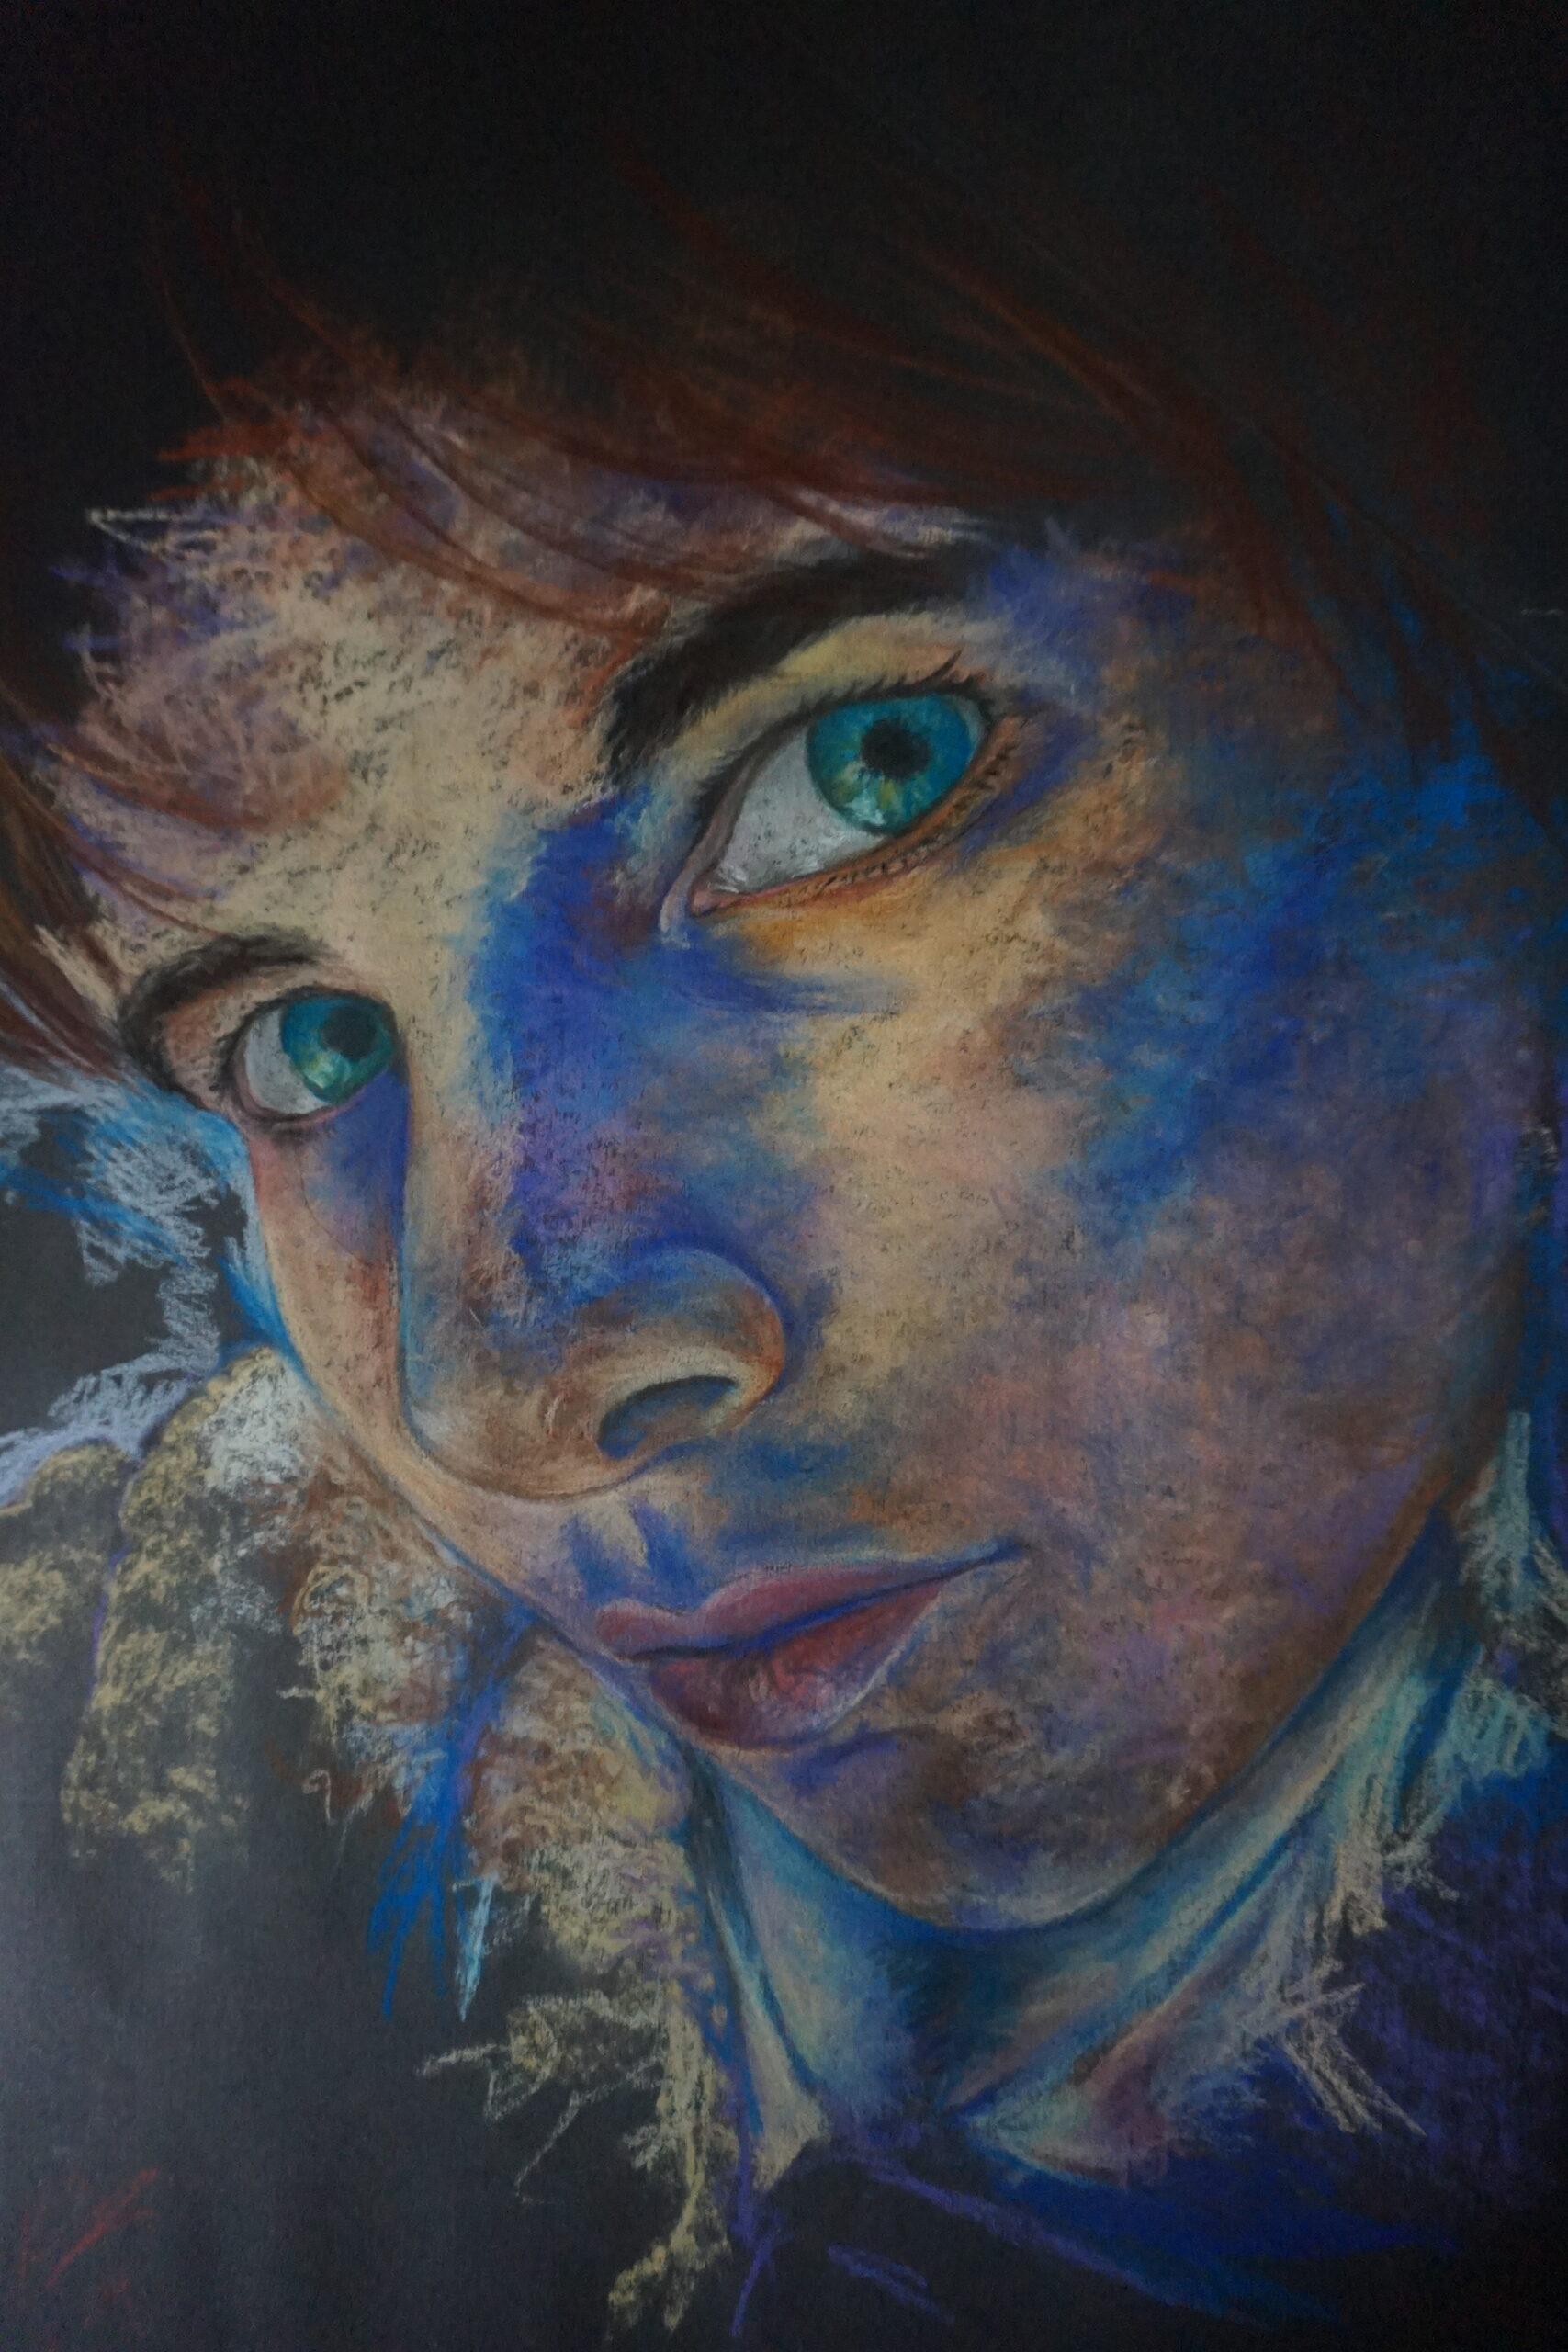 Kimberley Bevan: Portrait study in pastels